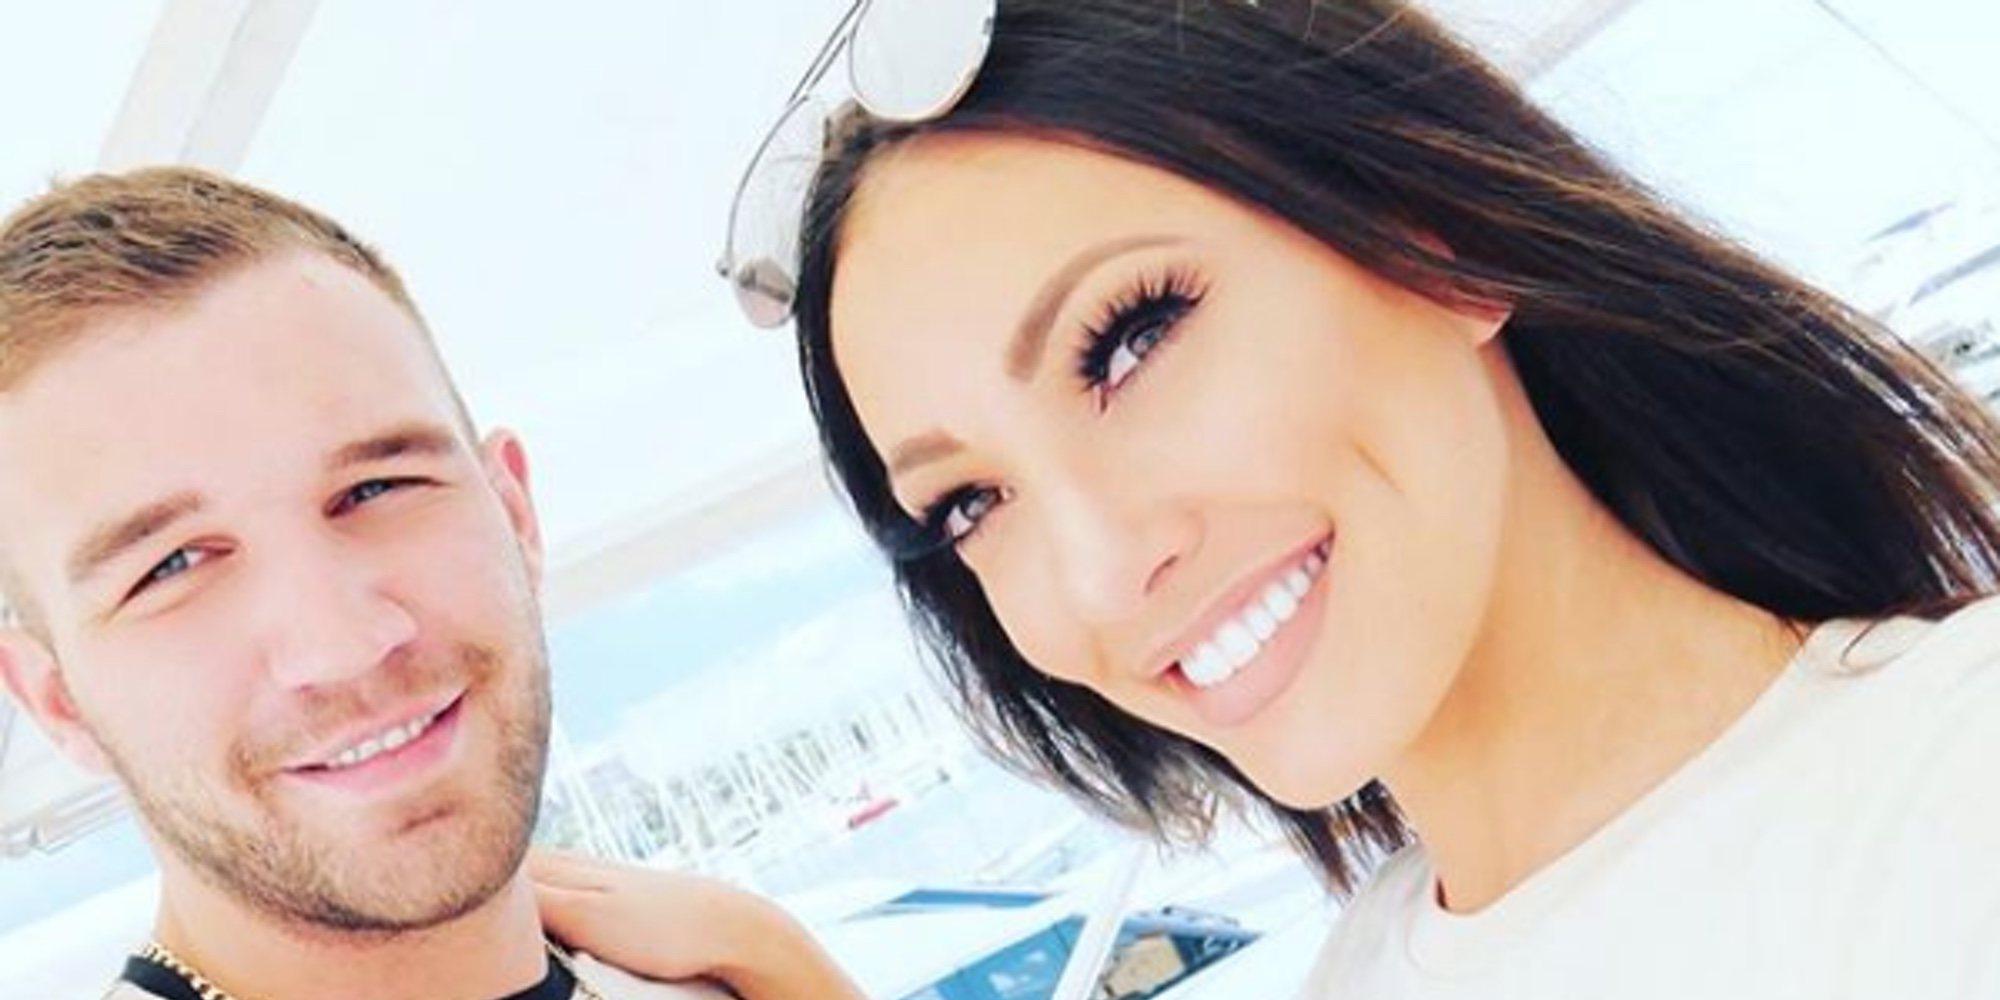 Encontrado muerto el novio de Sophie Gradon días después de la muerte de la ex Miss Gran Bretaña